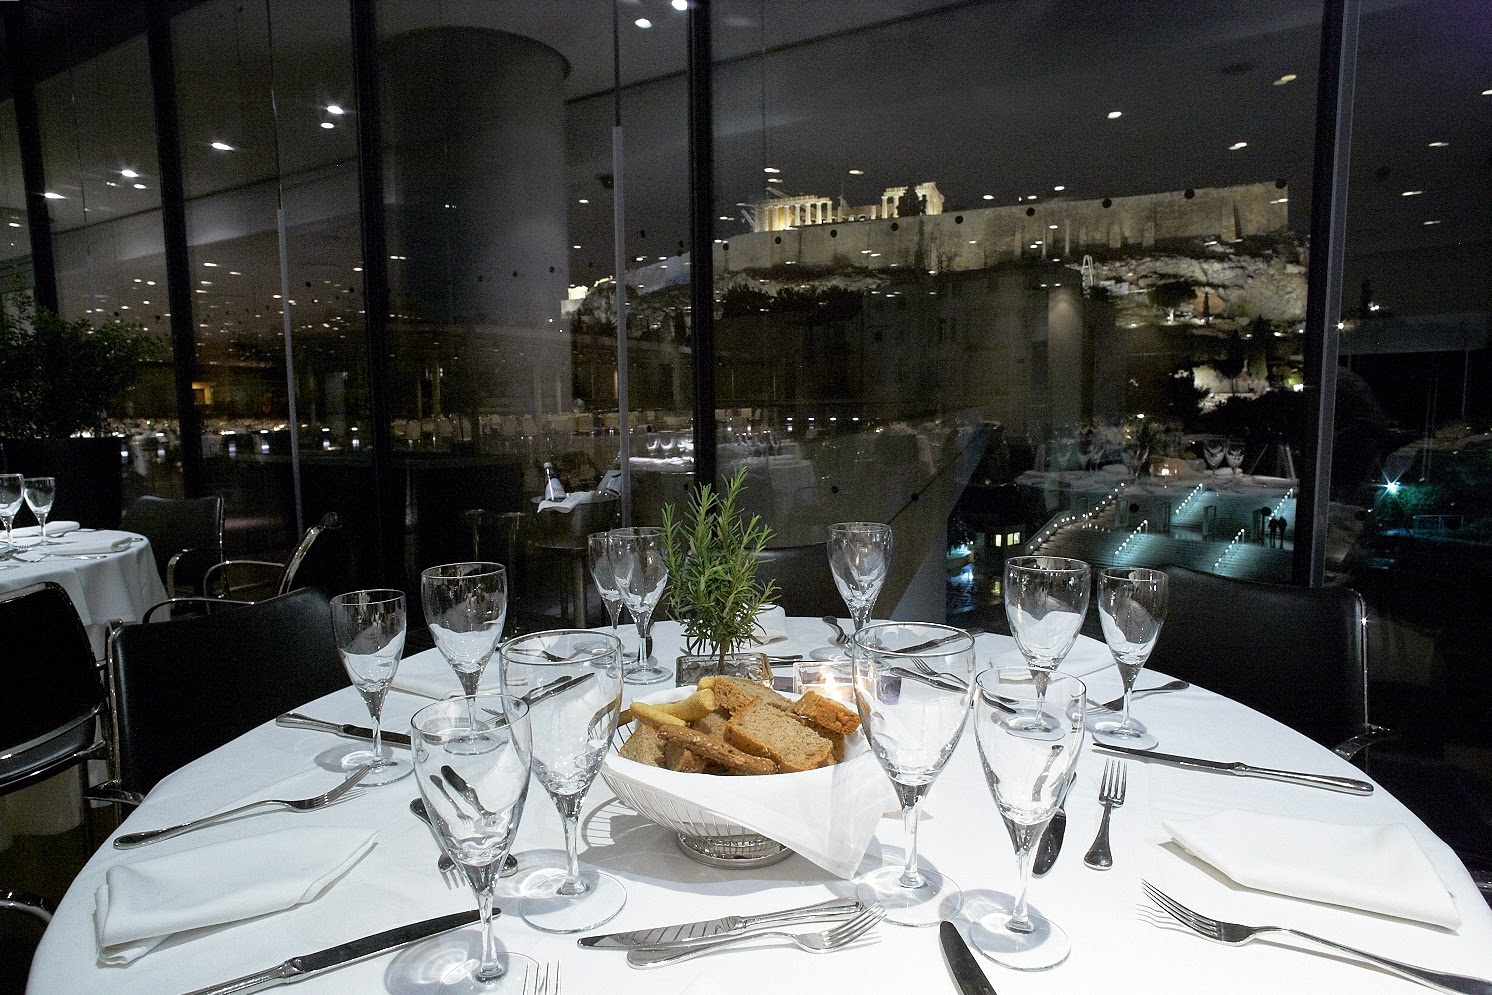 Νυχτερινή άποψη του εστιατορίου του Μουσείου Ακρόπολης Φωτογραφία Γιώργος Βιτσαρόπουλος